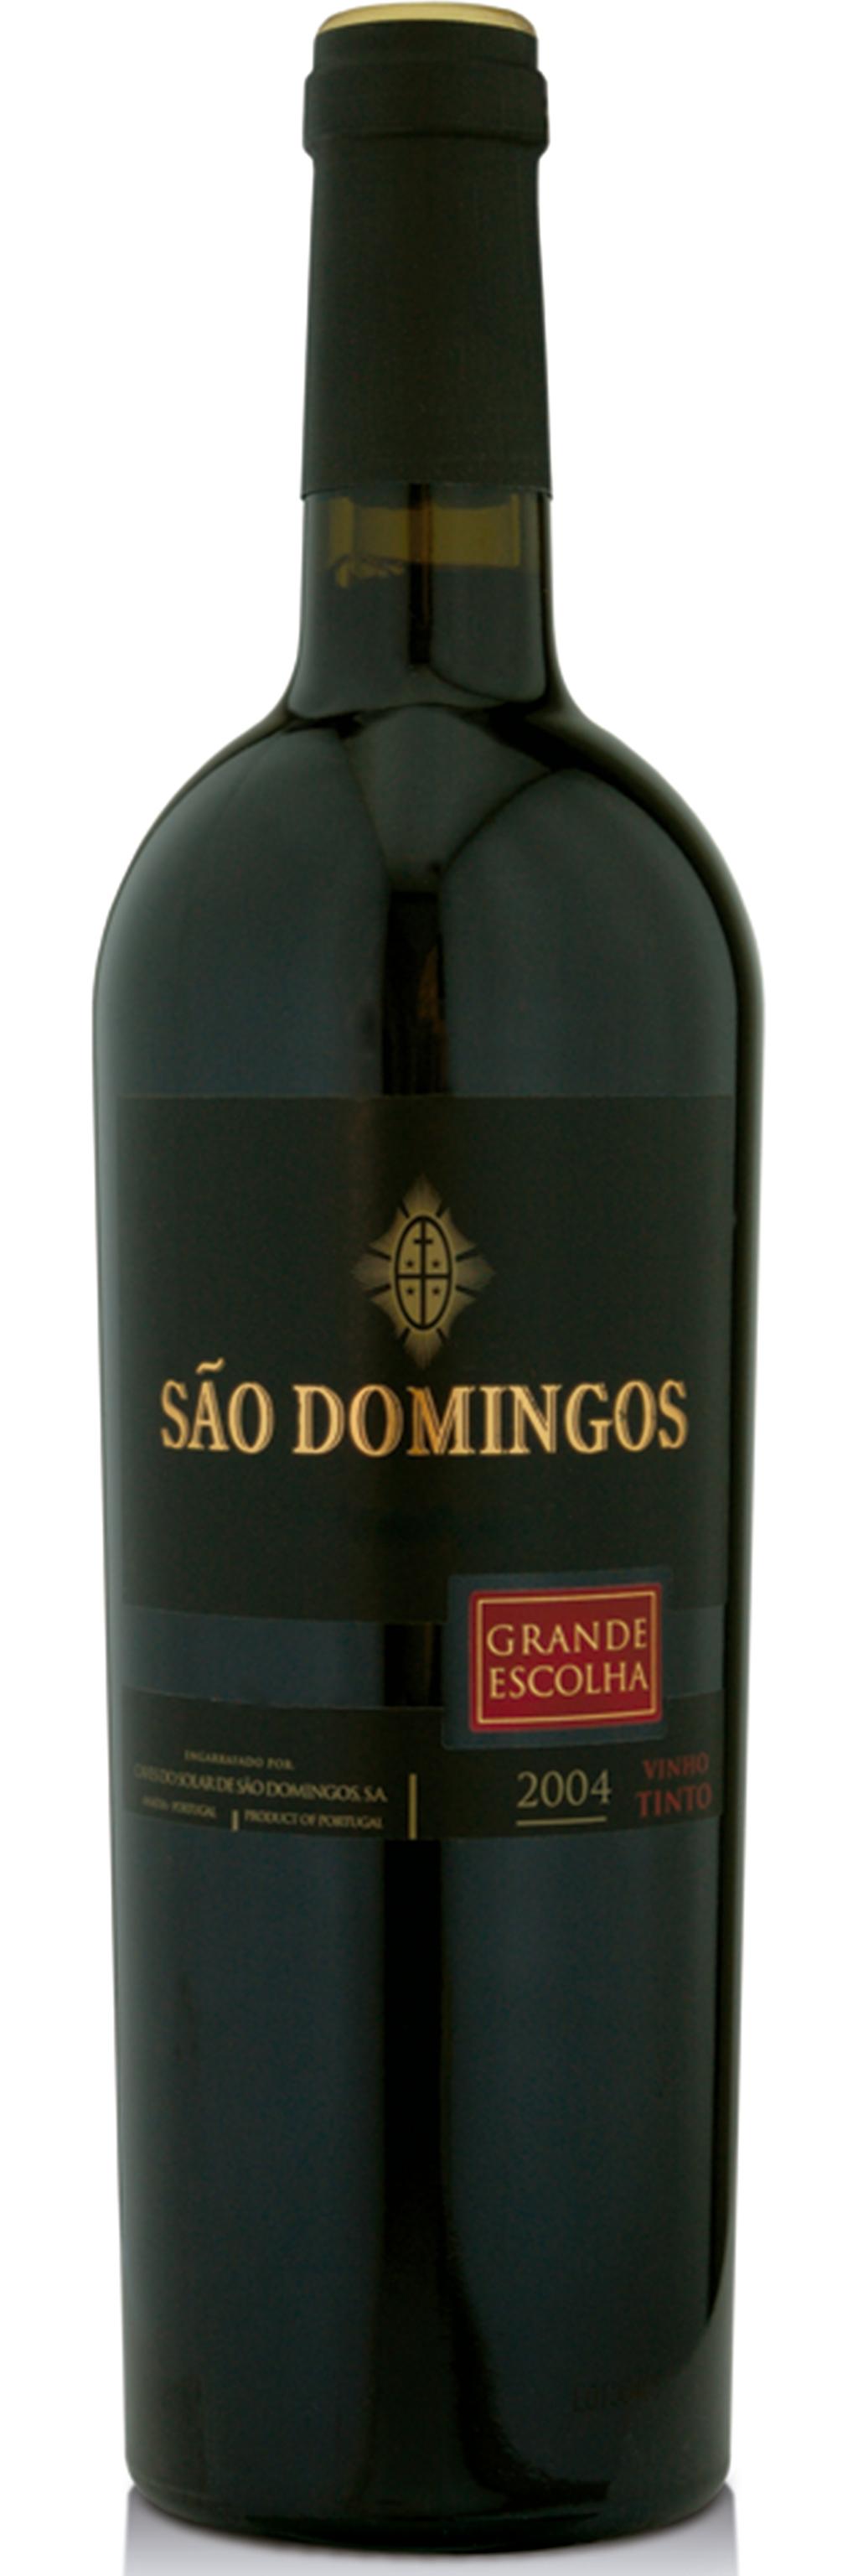 SÃO DOMINGOS Grande Escolha 2005